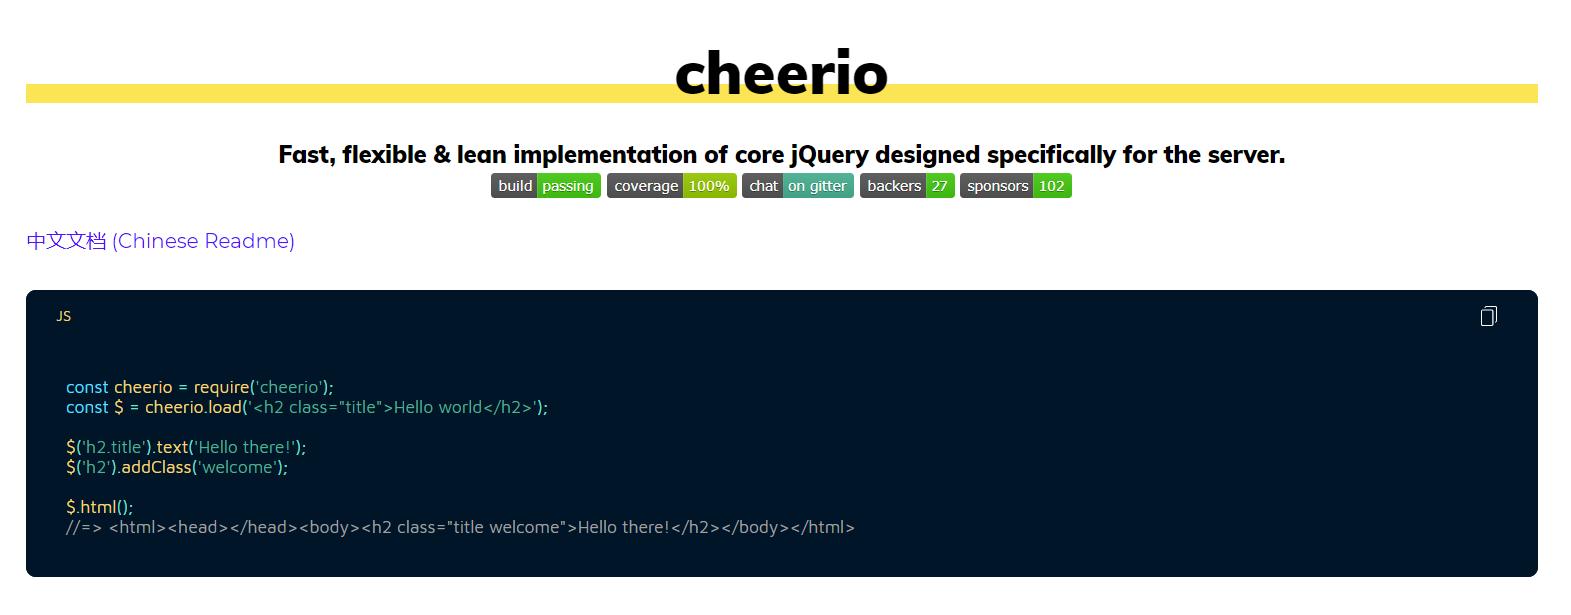 Cheerio - Overview